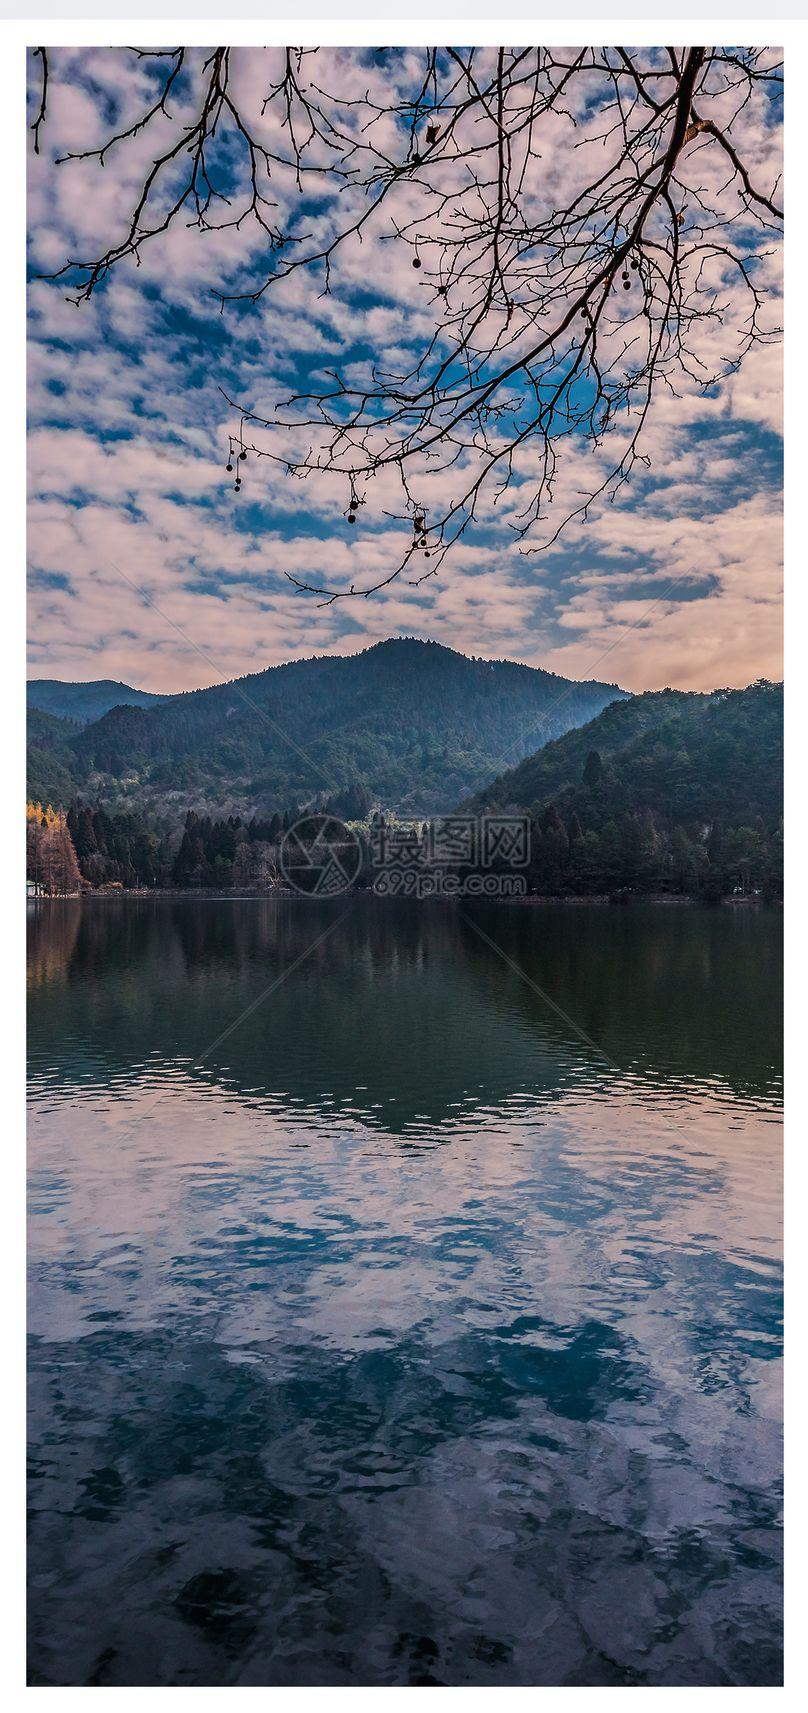 庐山风光手机壁纸图片